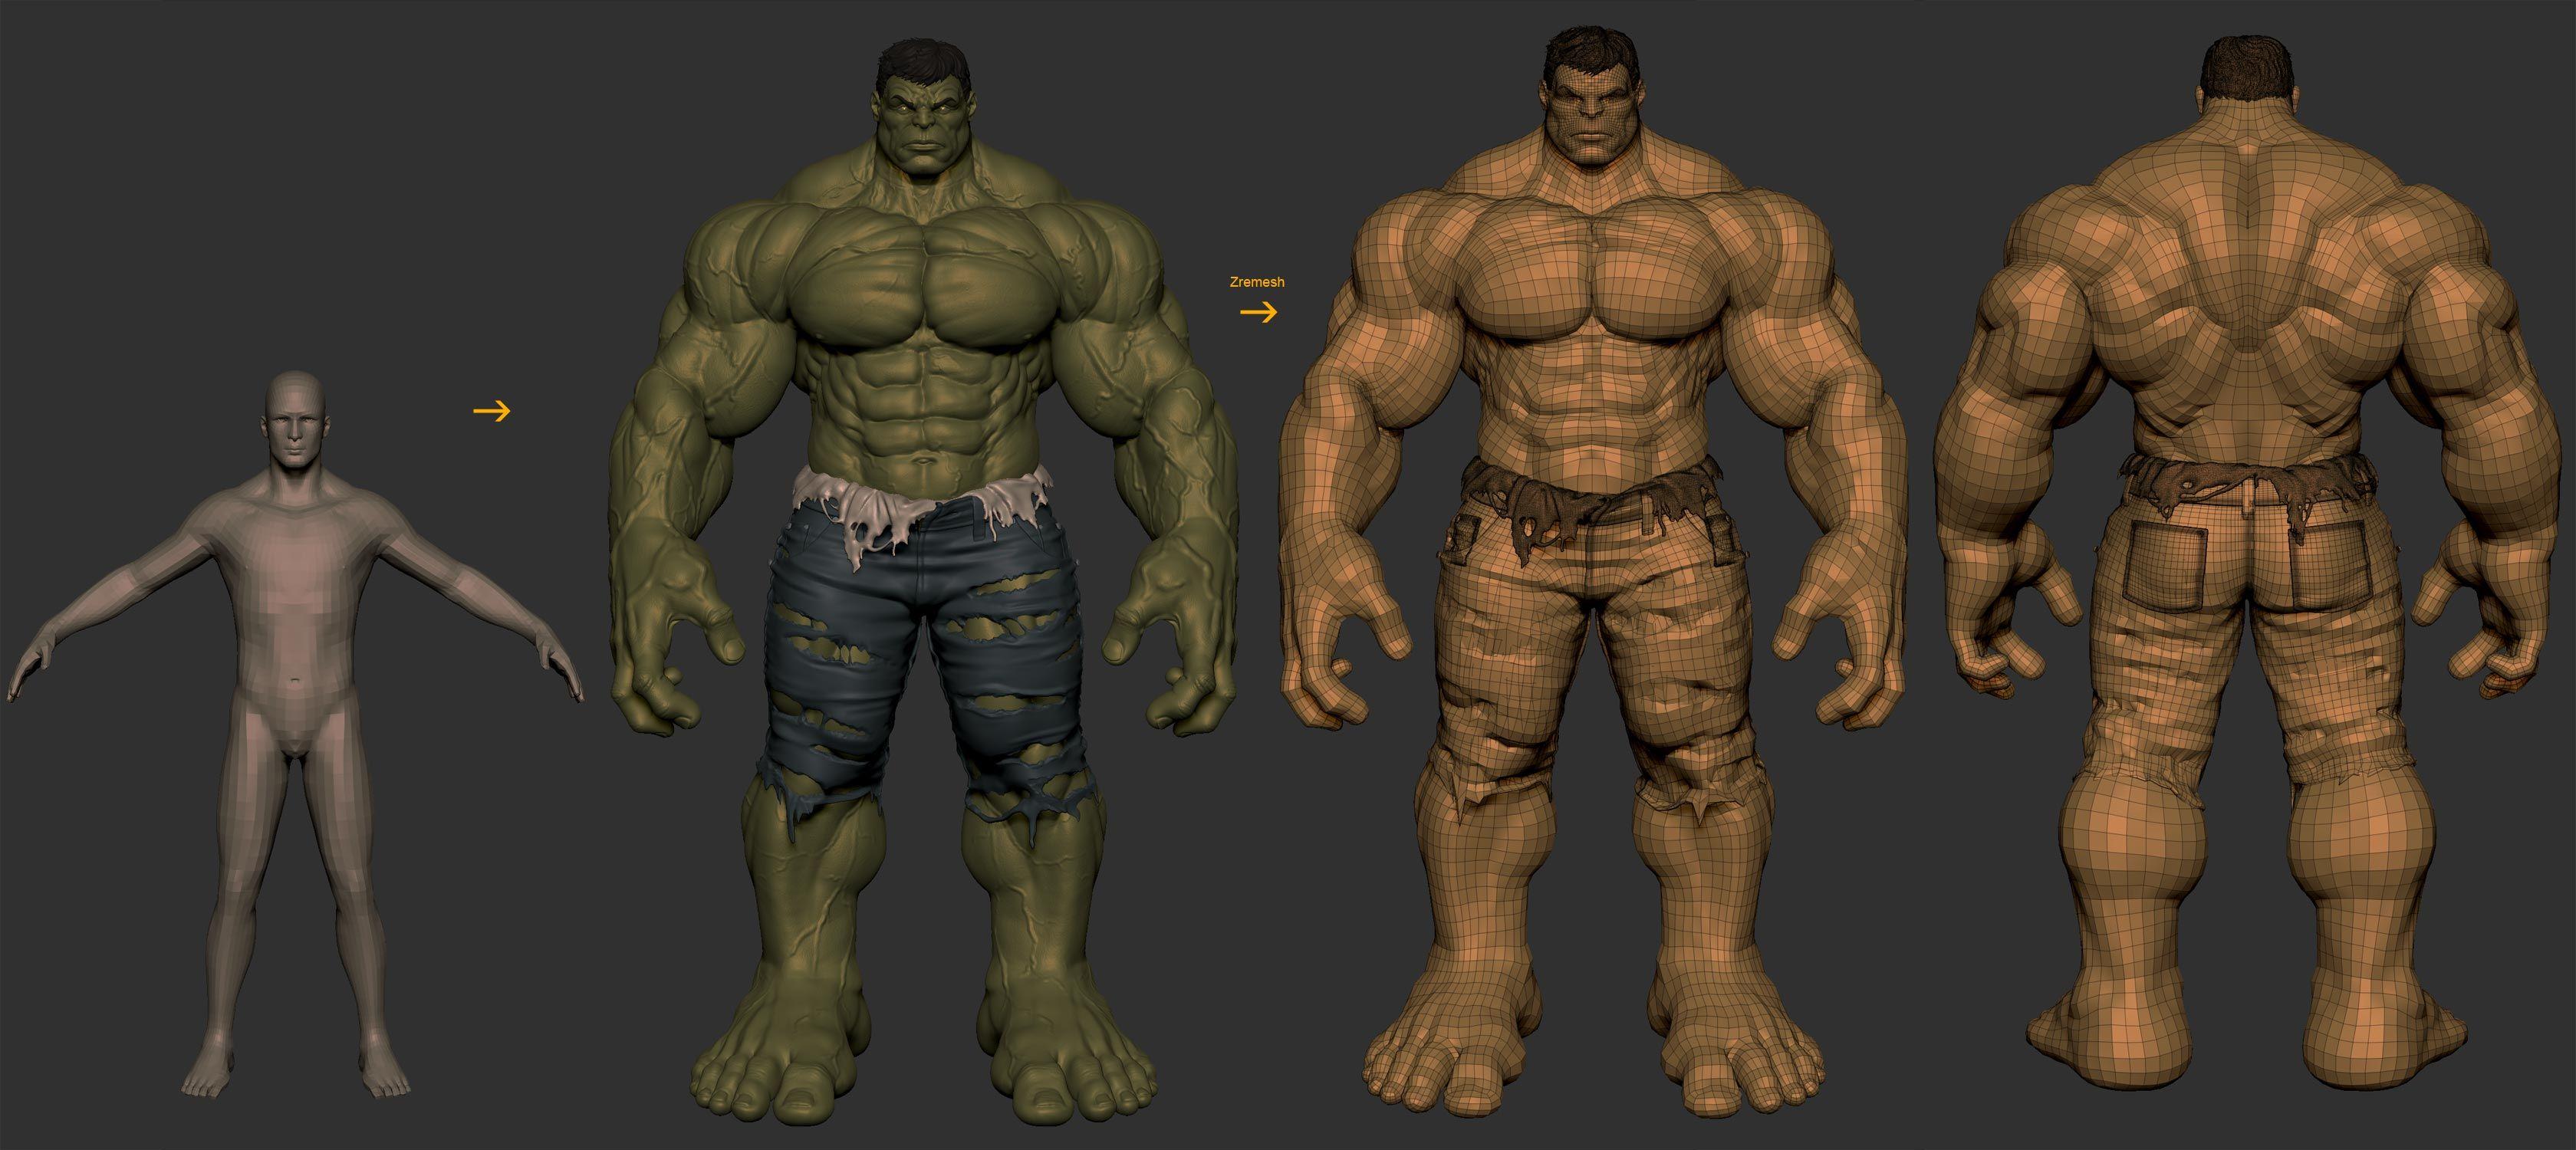 Hulk - Collectible Statue | zbrush | Pinterest